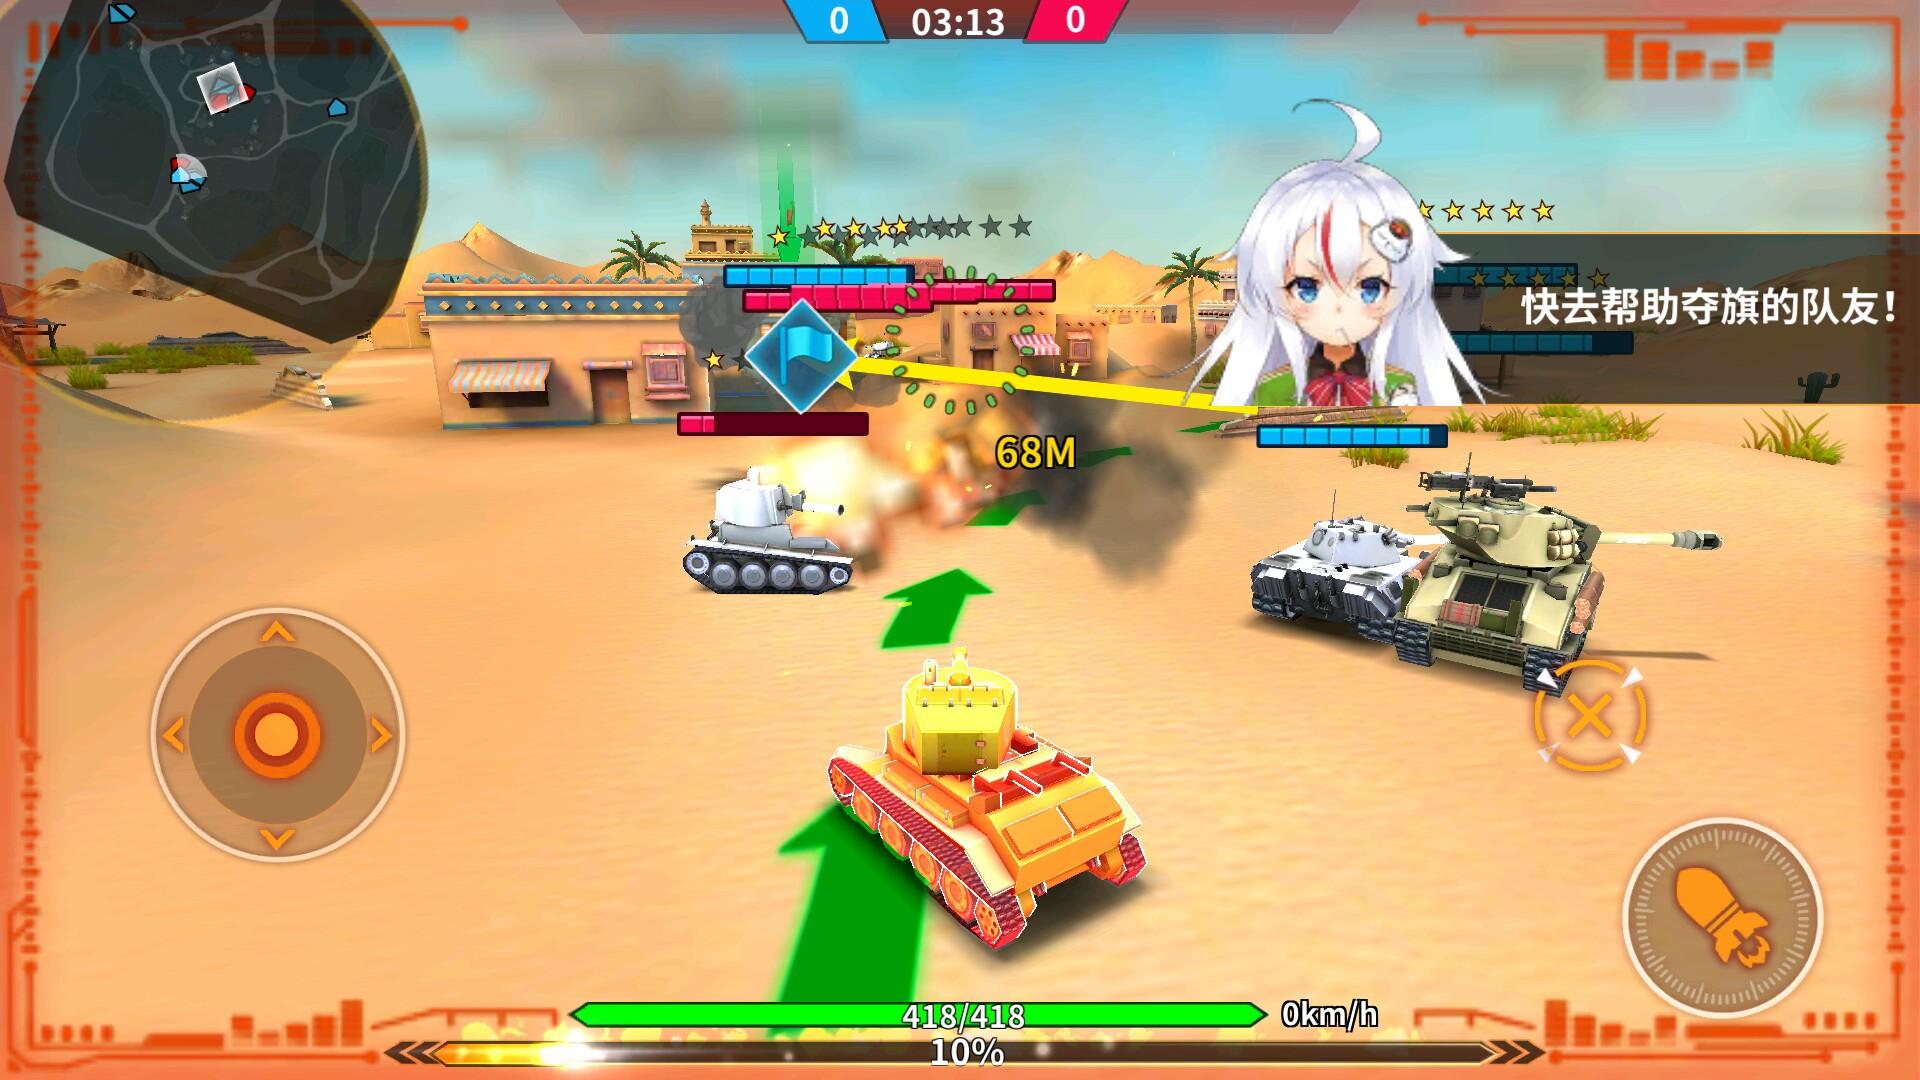 《装甲联盟》游戏截图UI欣赏42